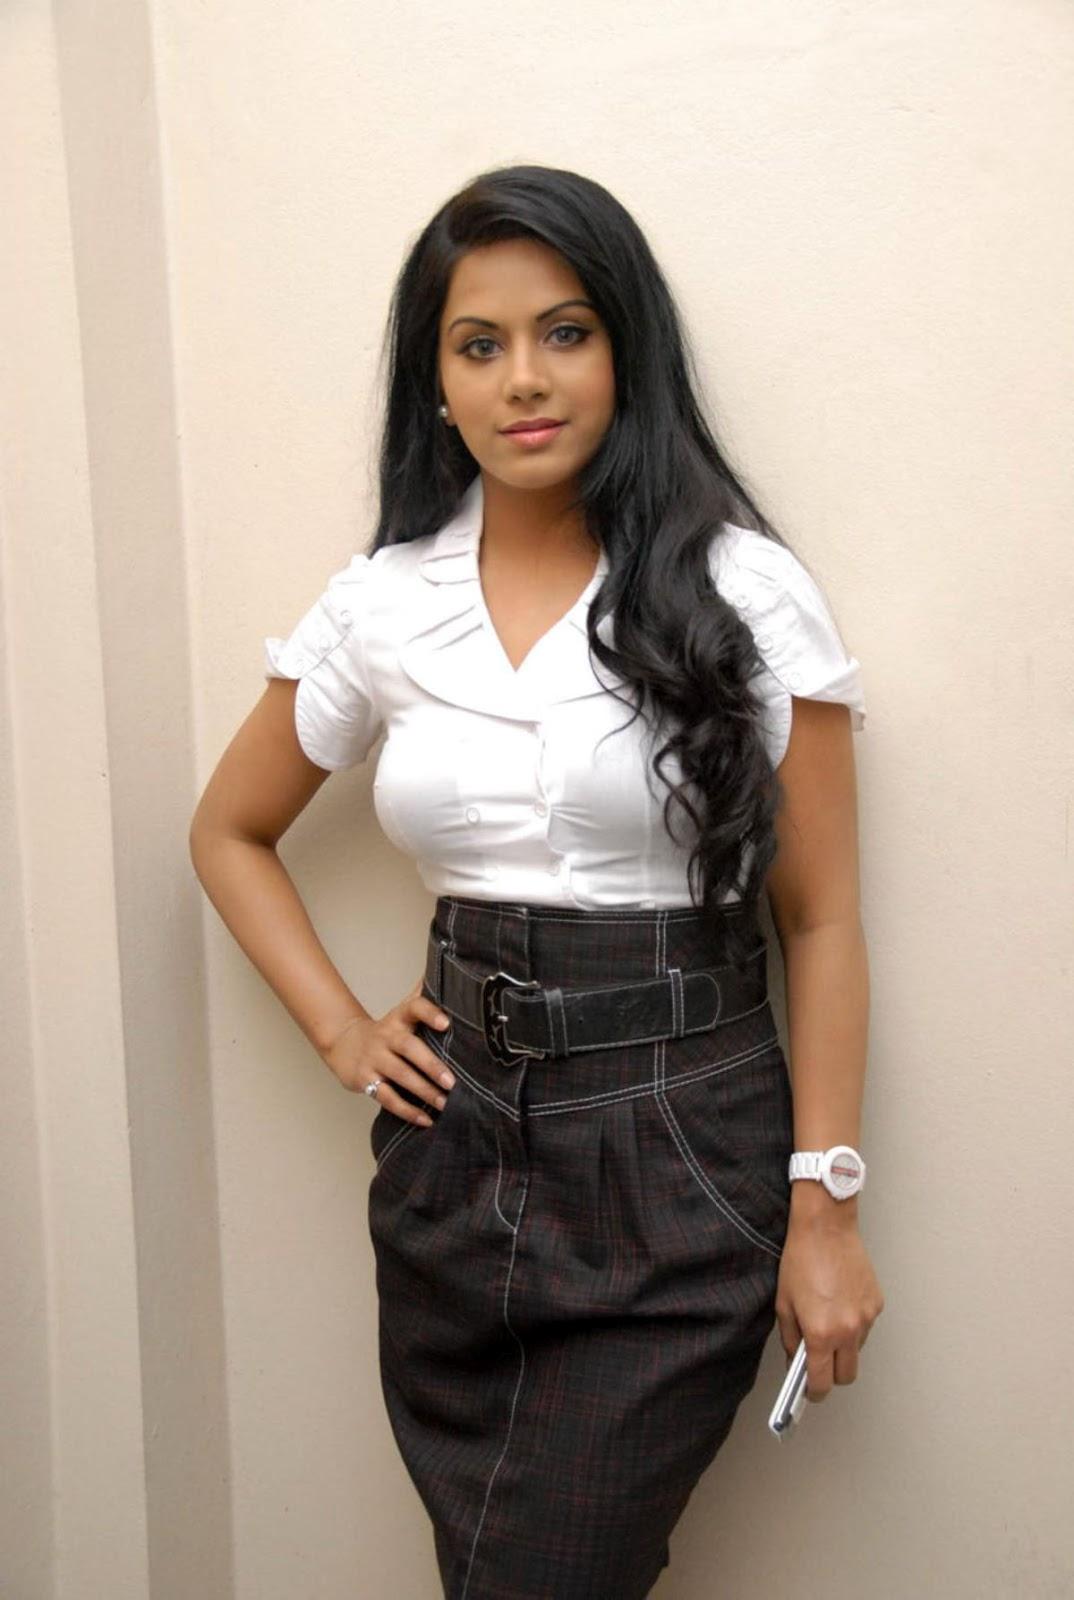 ரக்ஷனா மௌரியா | RACHANA MOURYA Rachan15